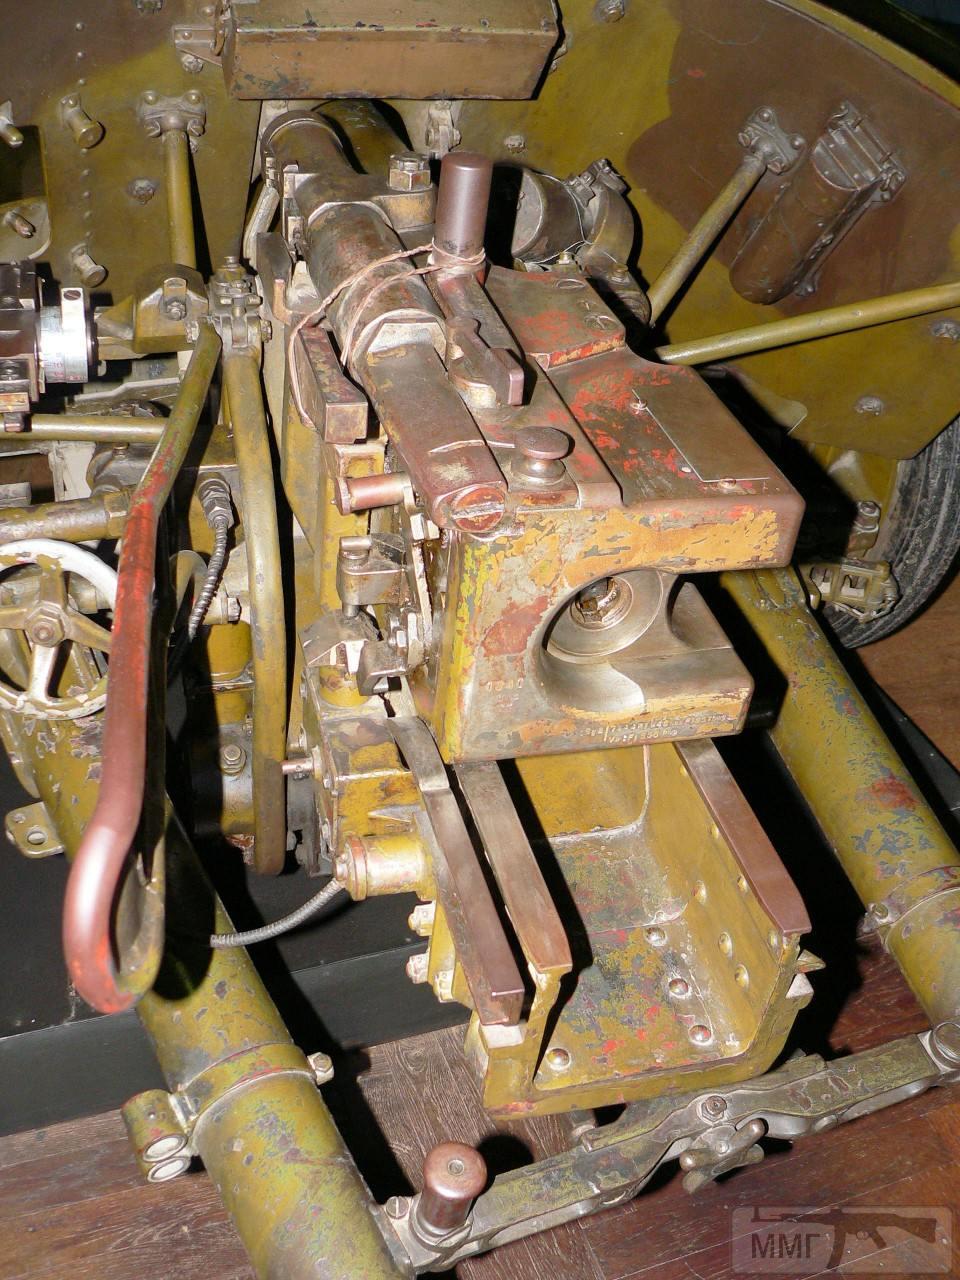 37433 - Немецкая артиллерия второй мировой